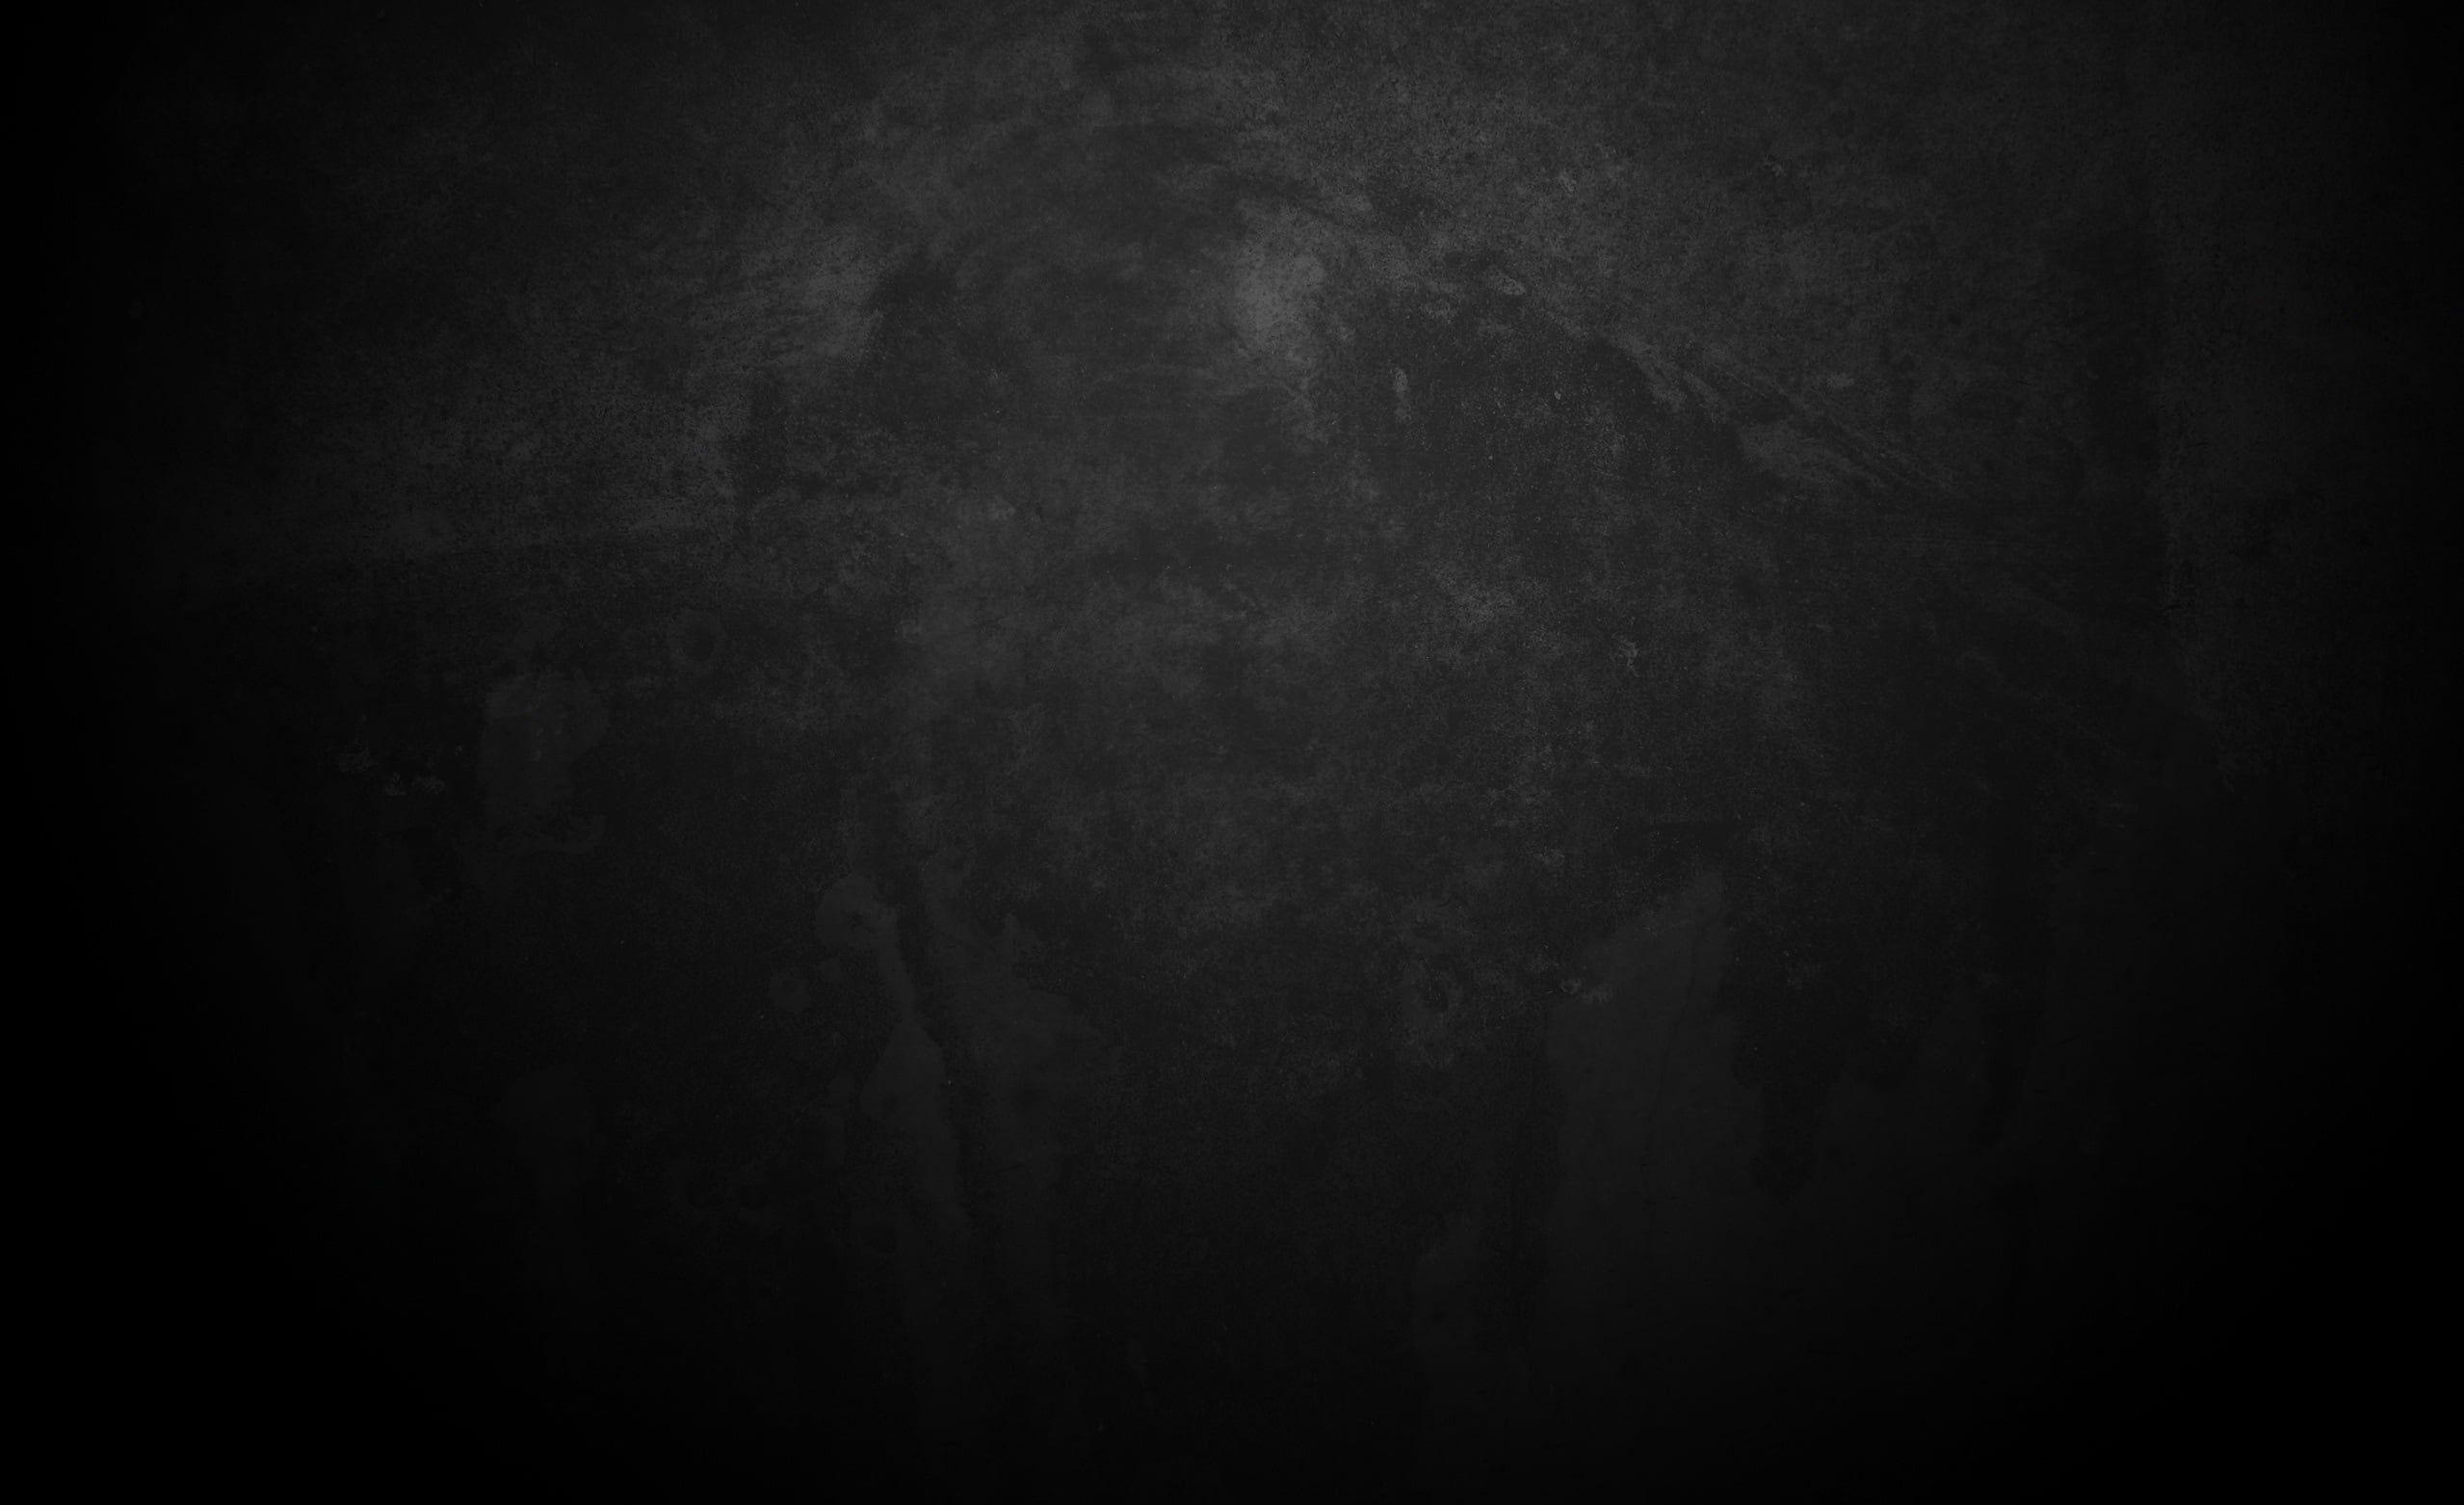 Desktophdwallpaper.org | Dark Desktop Backgrounds, Black Background  Wallpaper, Dark Wallpaper